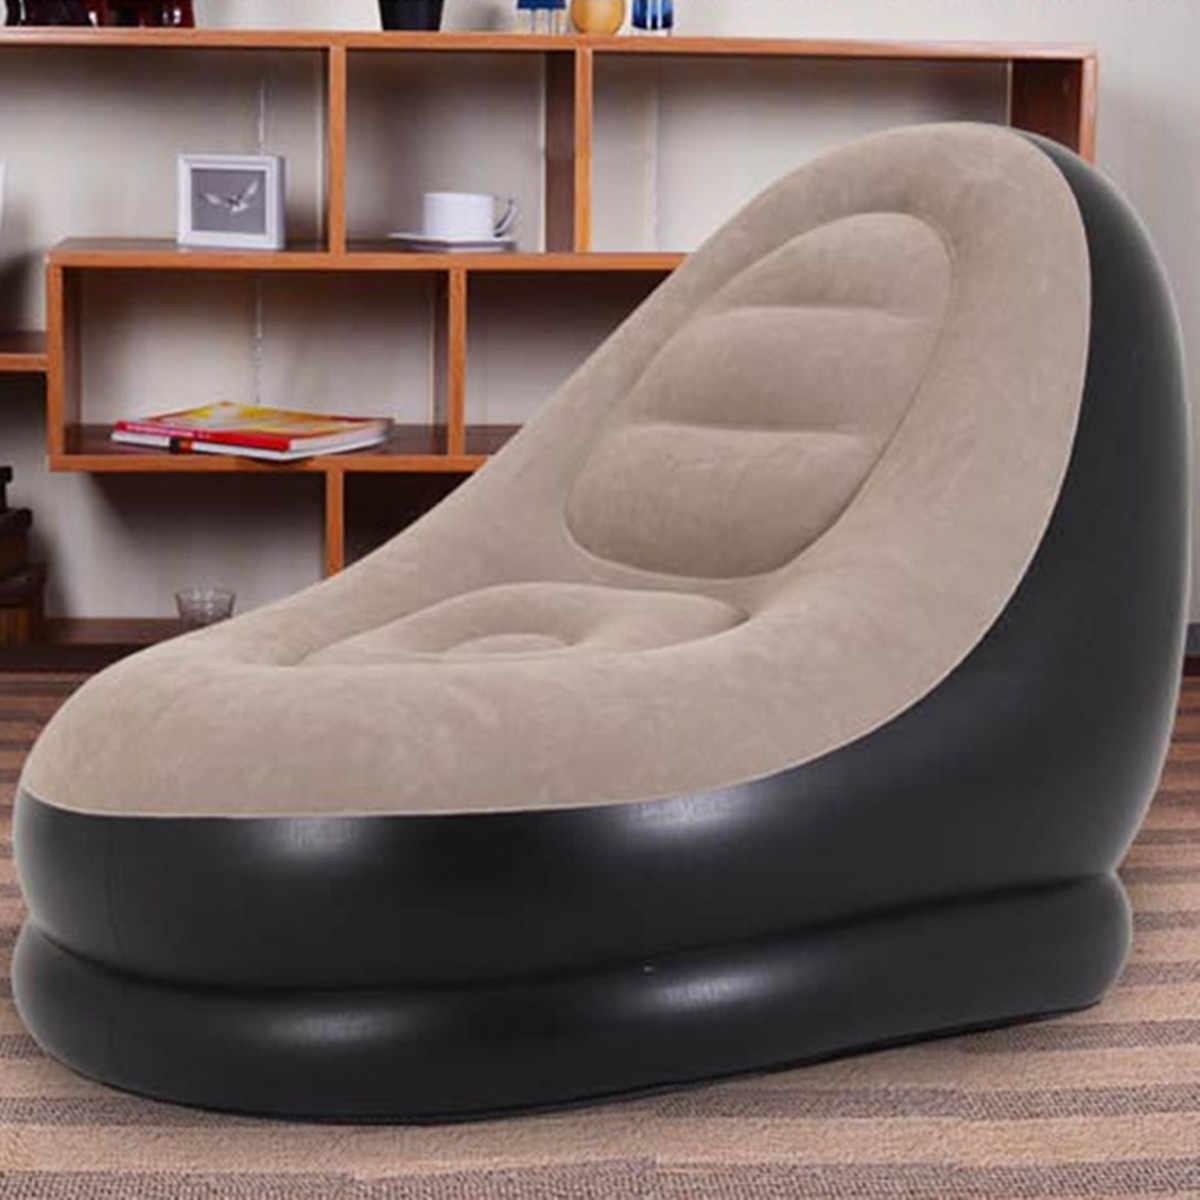 ขนาดใหญ่ Inflatable โซฟาเก้าอี้ Bean Bag Flocking PVC Garden Lounge Beanbag ผู้ใหญ่กลางแจ้งเฟอร์นิเจอร์ Backpacking Travel